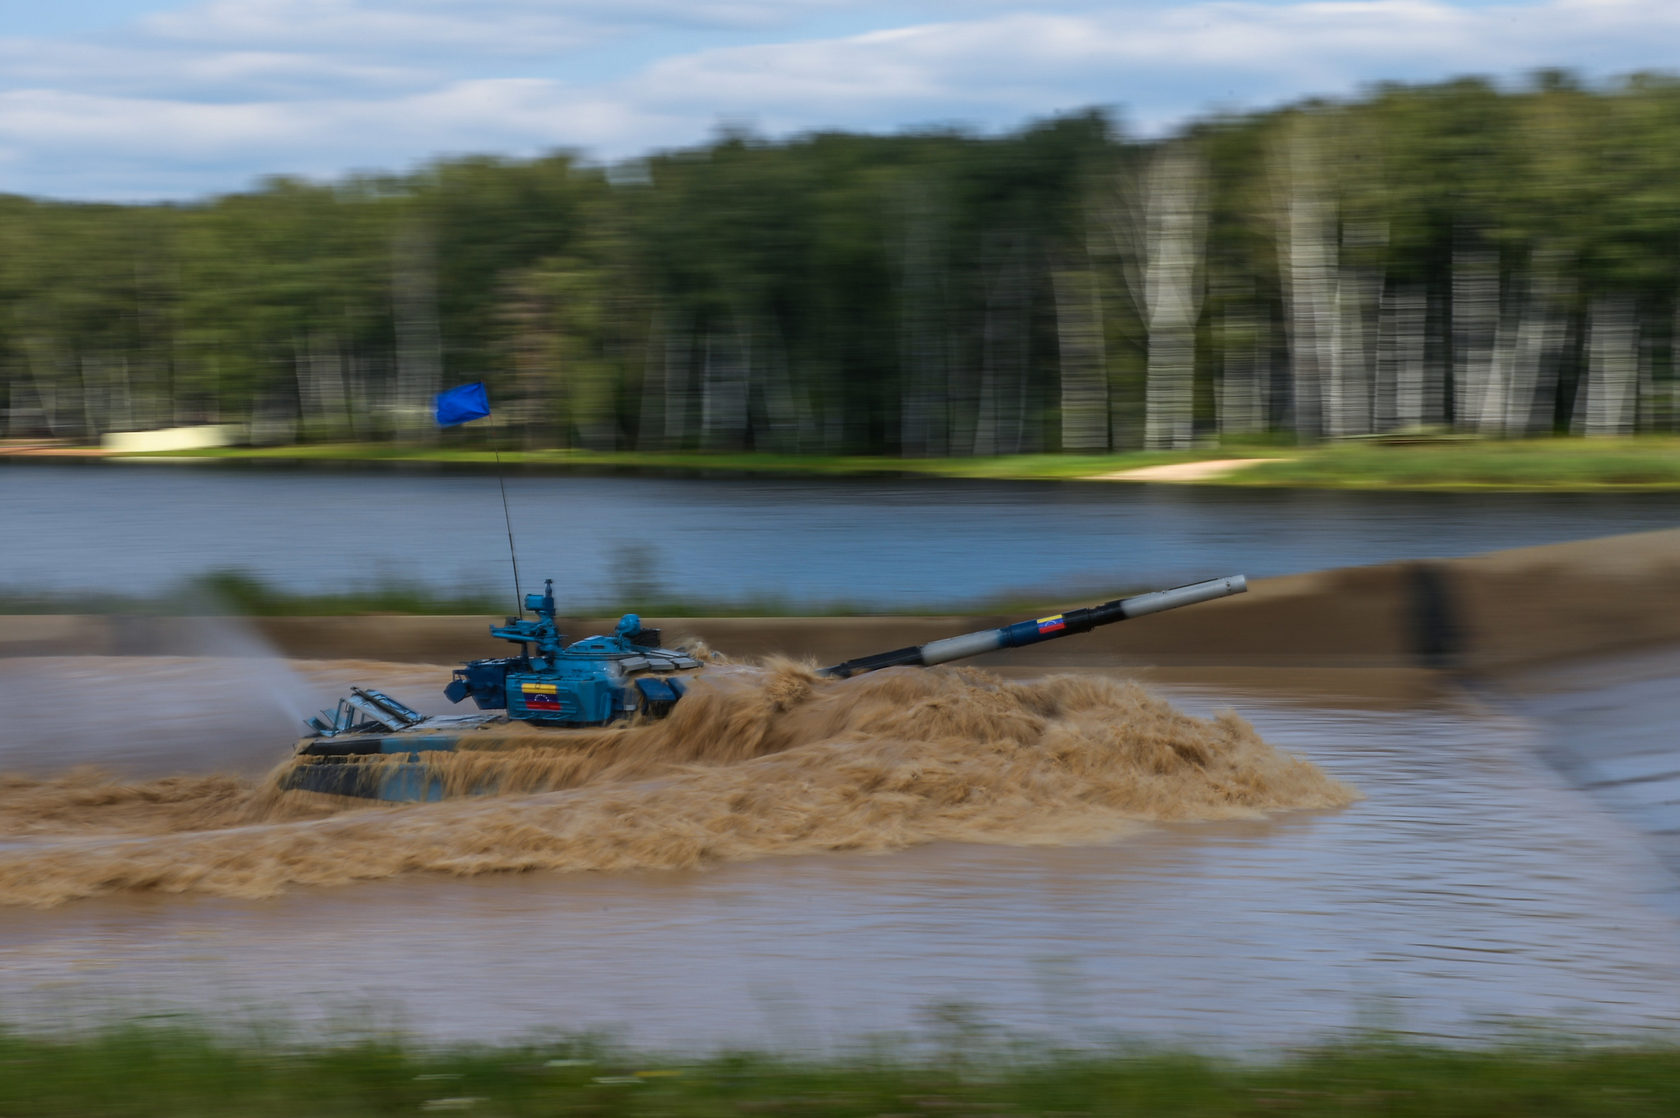 Међународне војне игре у Русији: Тенковски биатлон - уживо